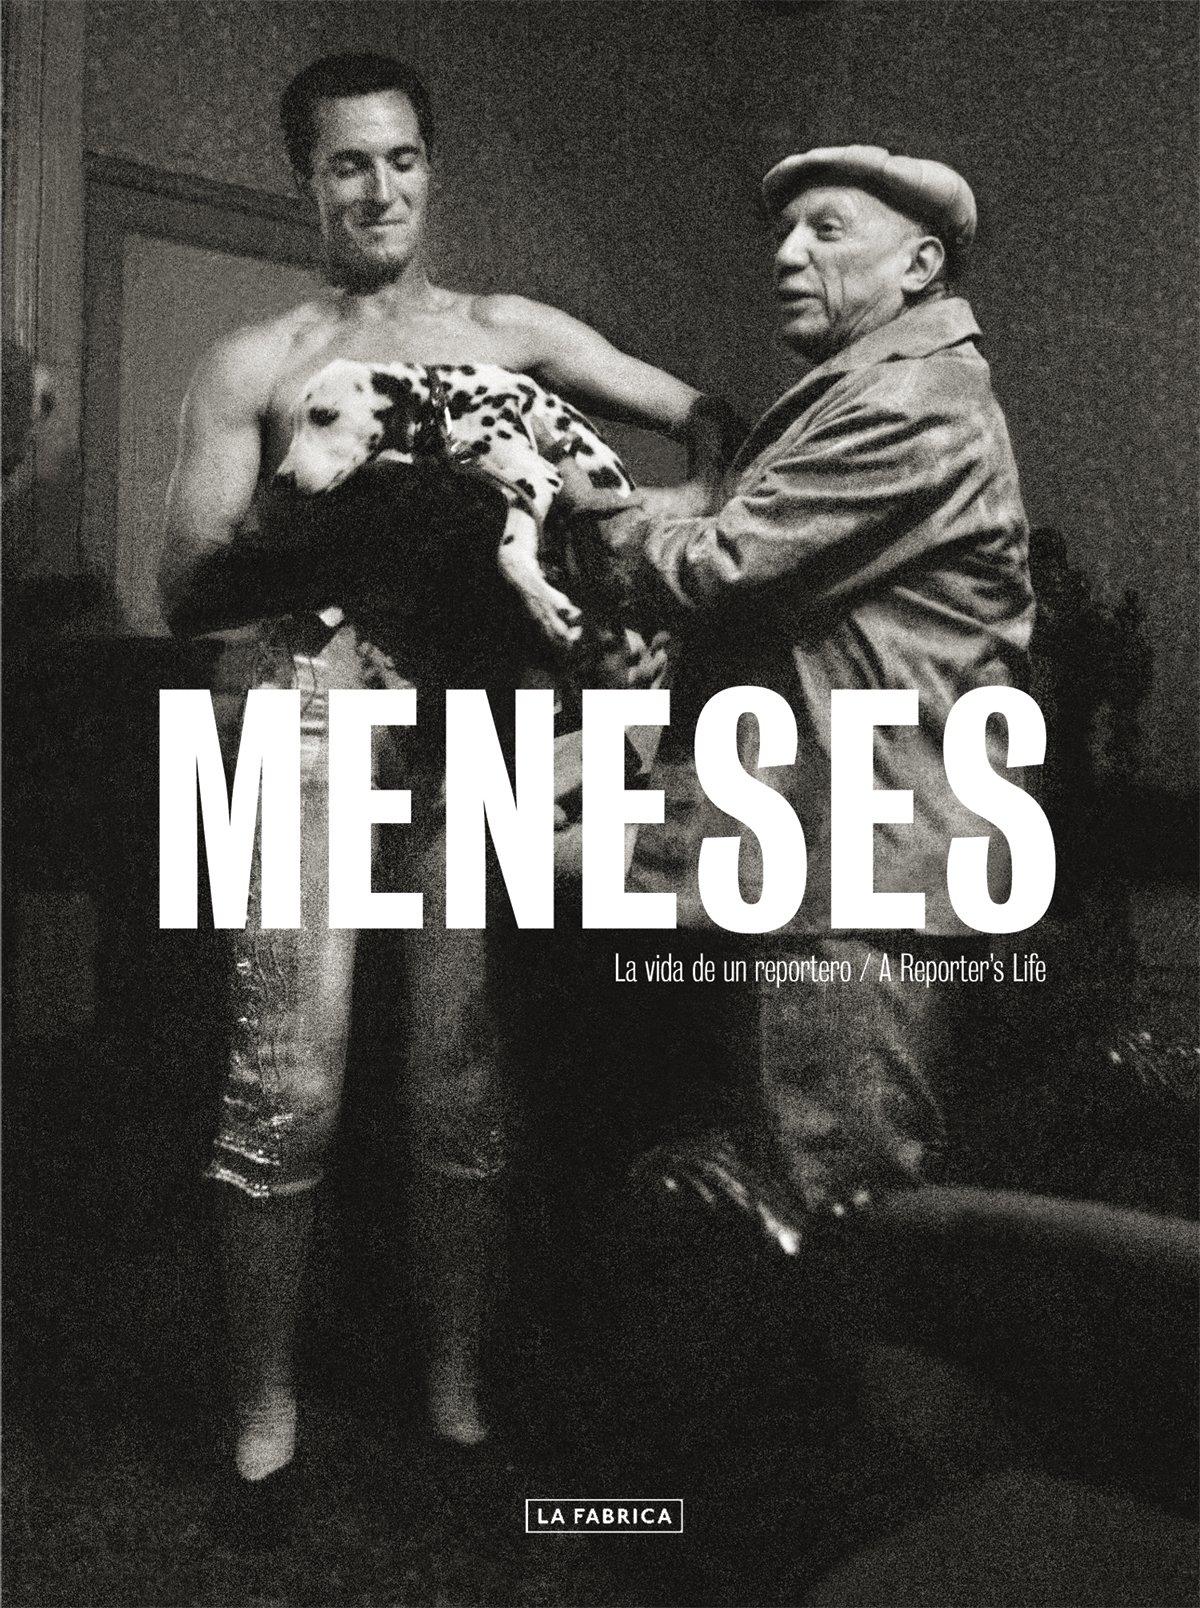 Enrique Meneses by La Fábrica